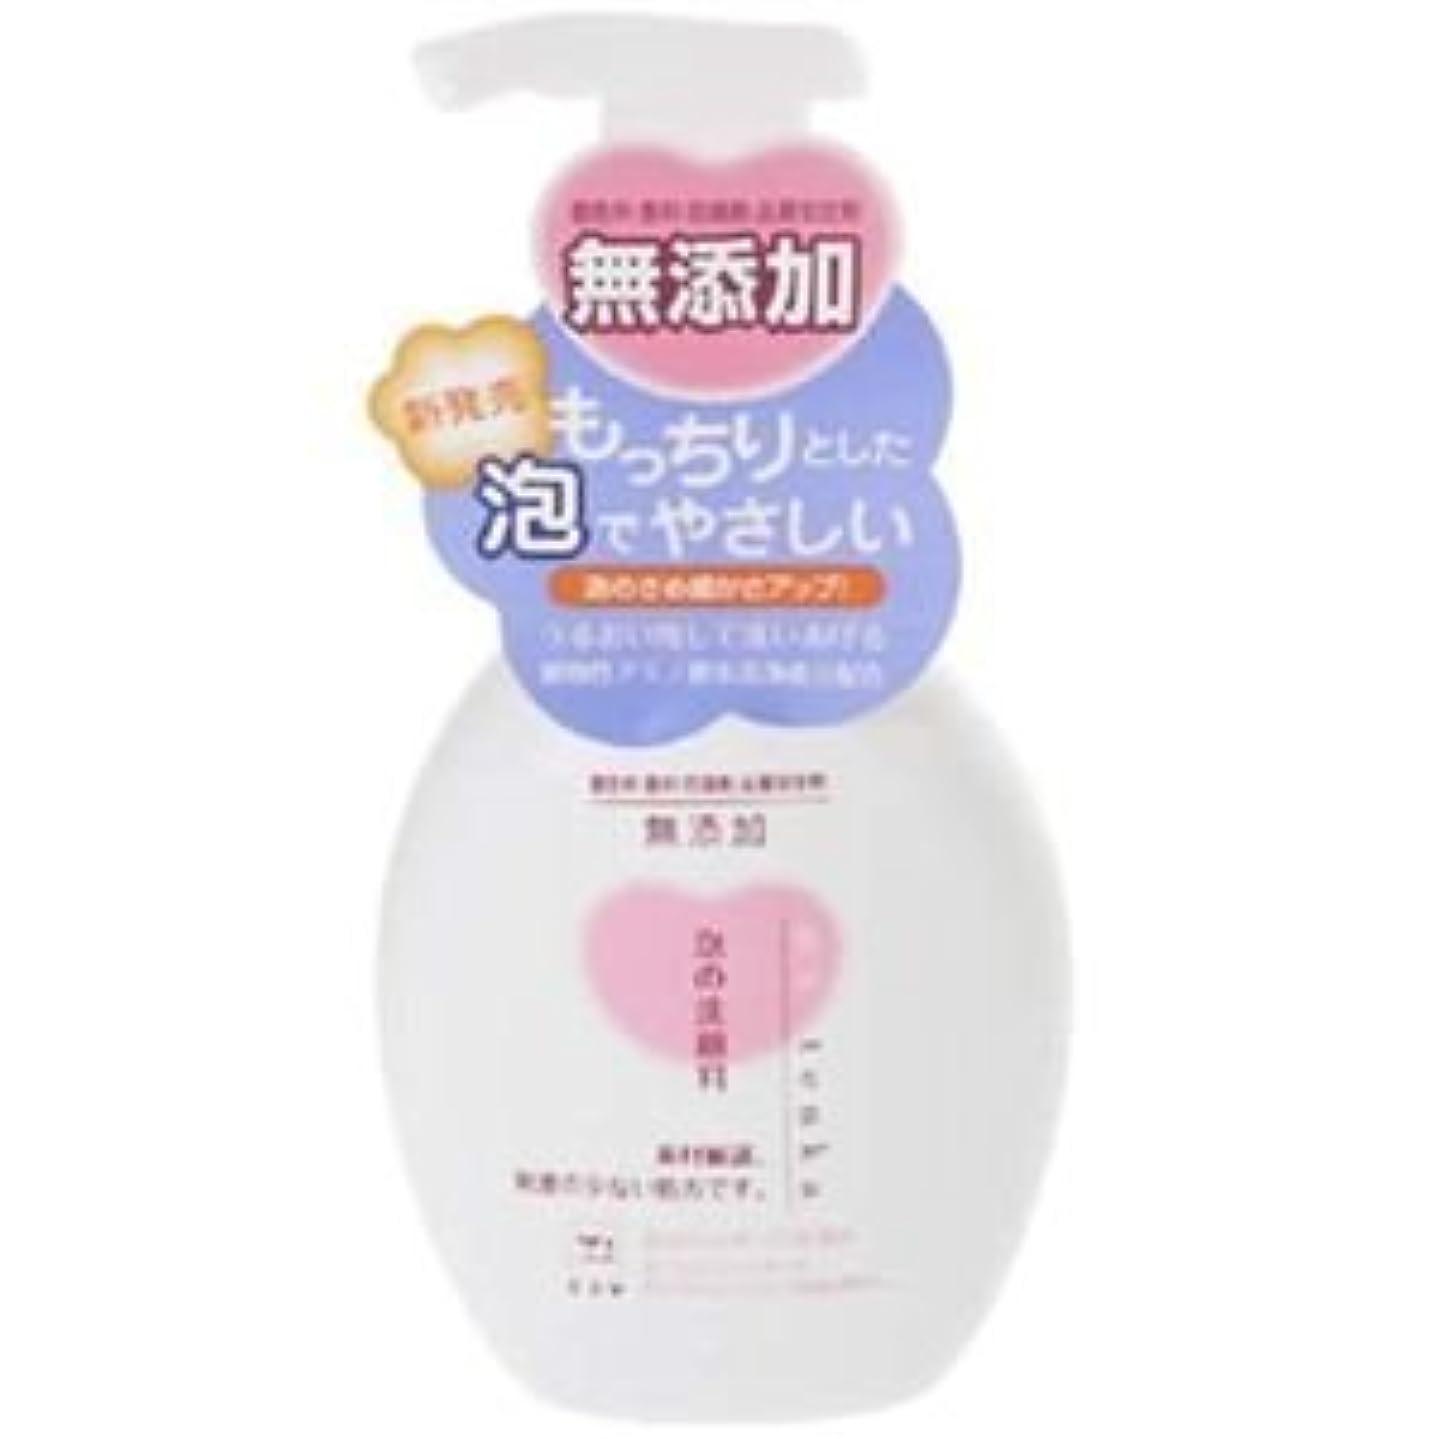 肥満キャンバス縞模様のカウブランド 無添加 泡の洗顔料 ポンプ 200ml 6セット